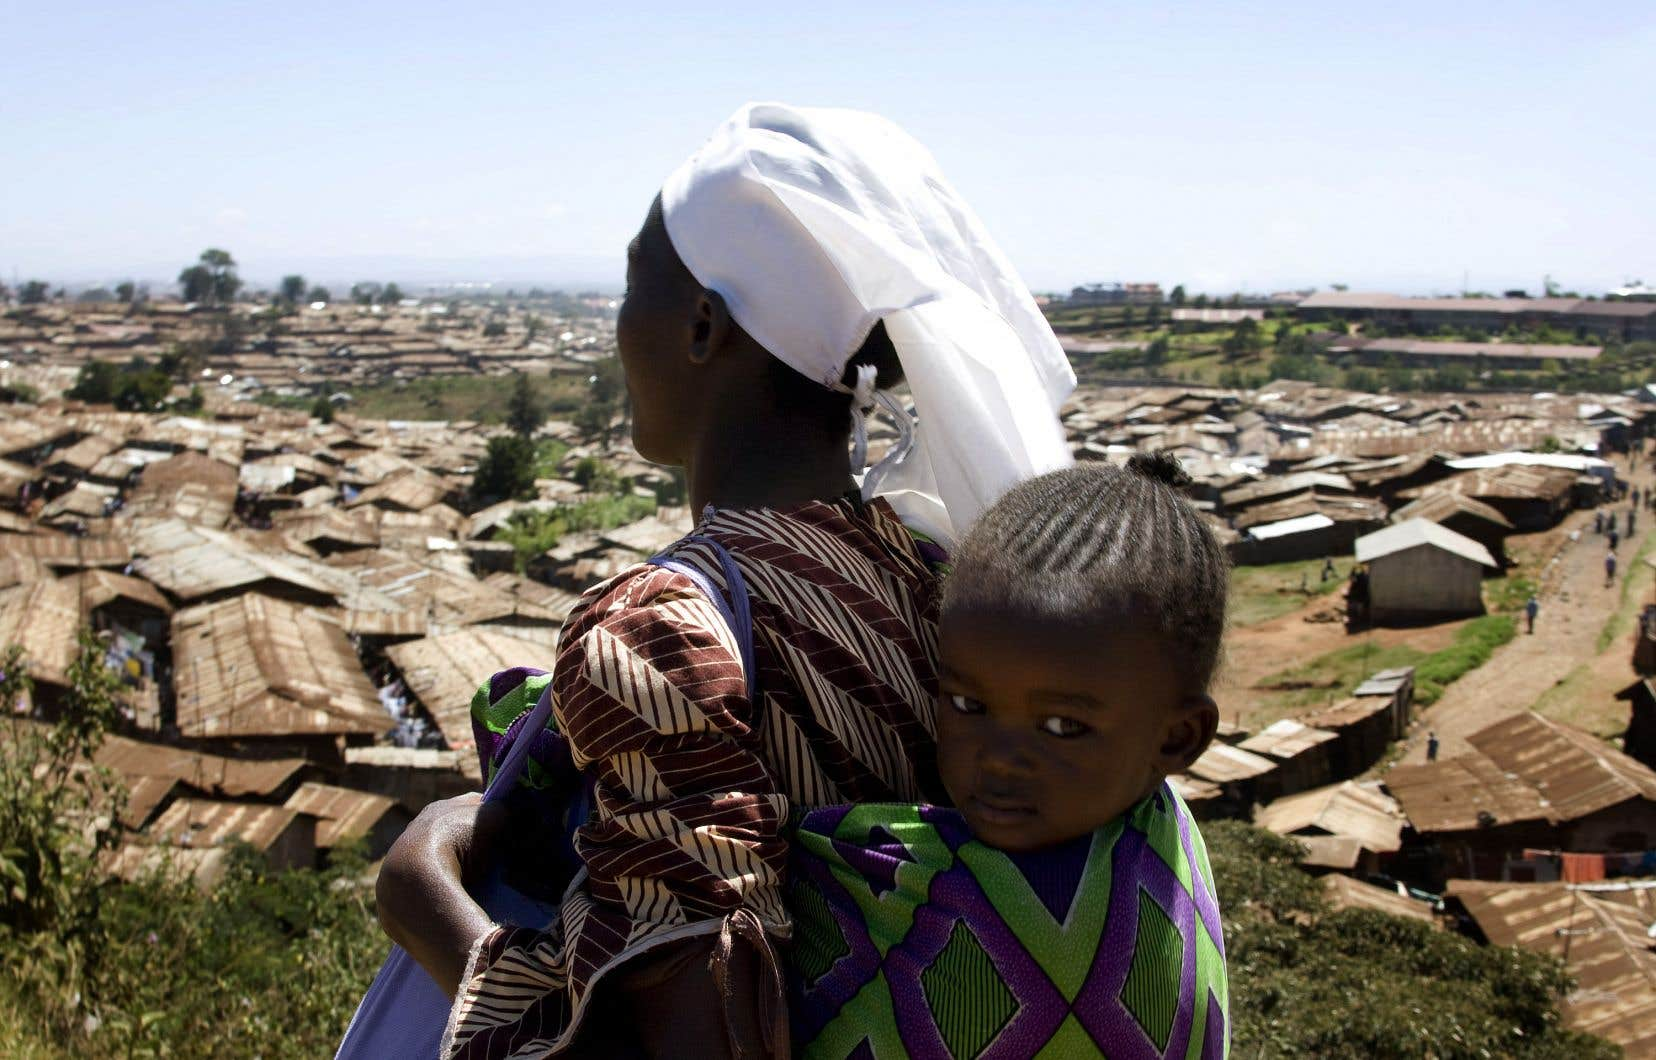 «La coopération et l'aide internationale sont encore plus nécessaires que jamais en contexte post-pandémie pour aider les pays moins favorisés à faire face aux nombreux défis tels que la lutte contre la pauvreté, l'adaptation aux changements climatiques, l'appui à une gouvernance démocratique, l'accès équitable aux services de base et la prévention des épidémies», estime l'auteur.